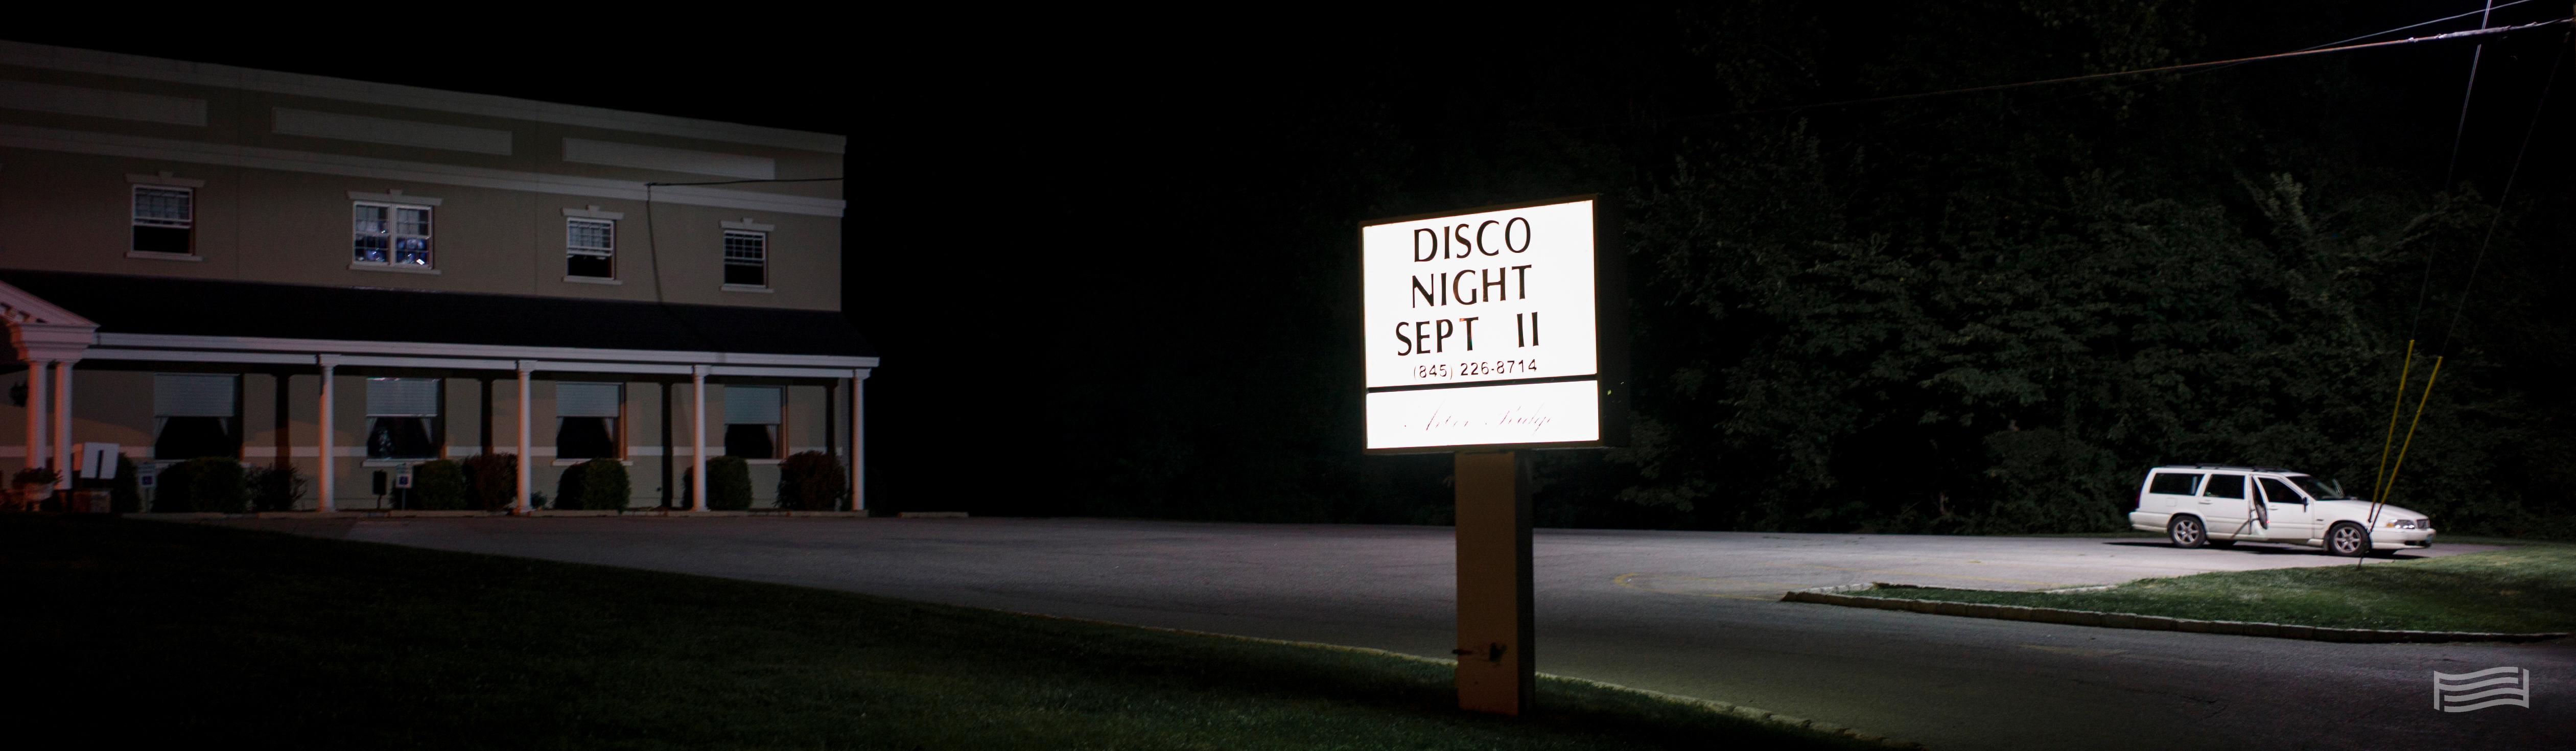 Peter Van Agtmael, disco disco 123